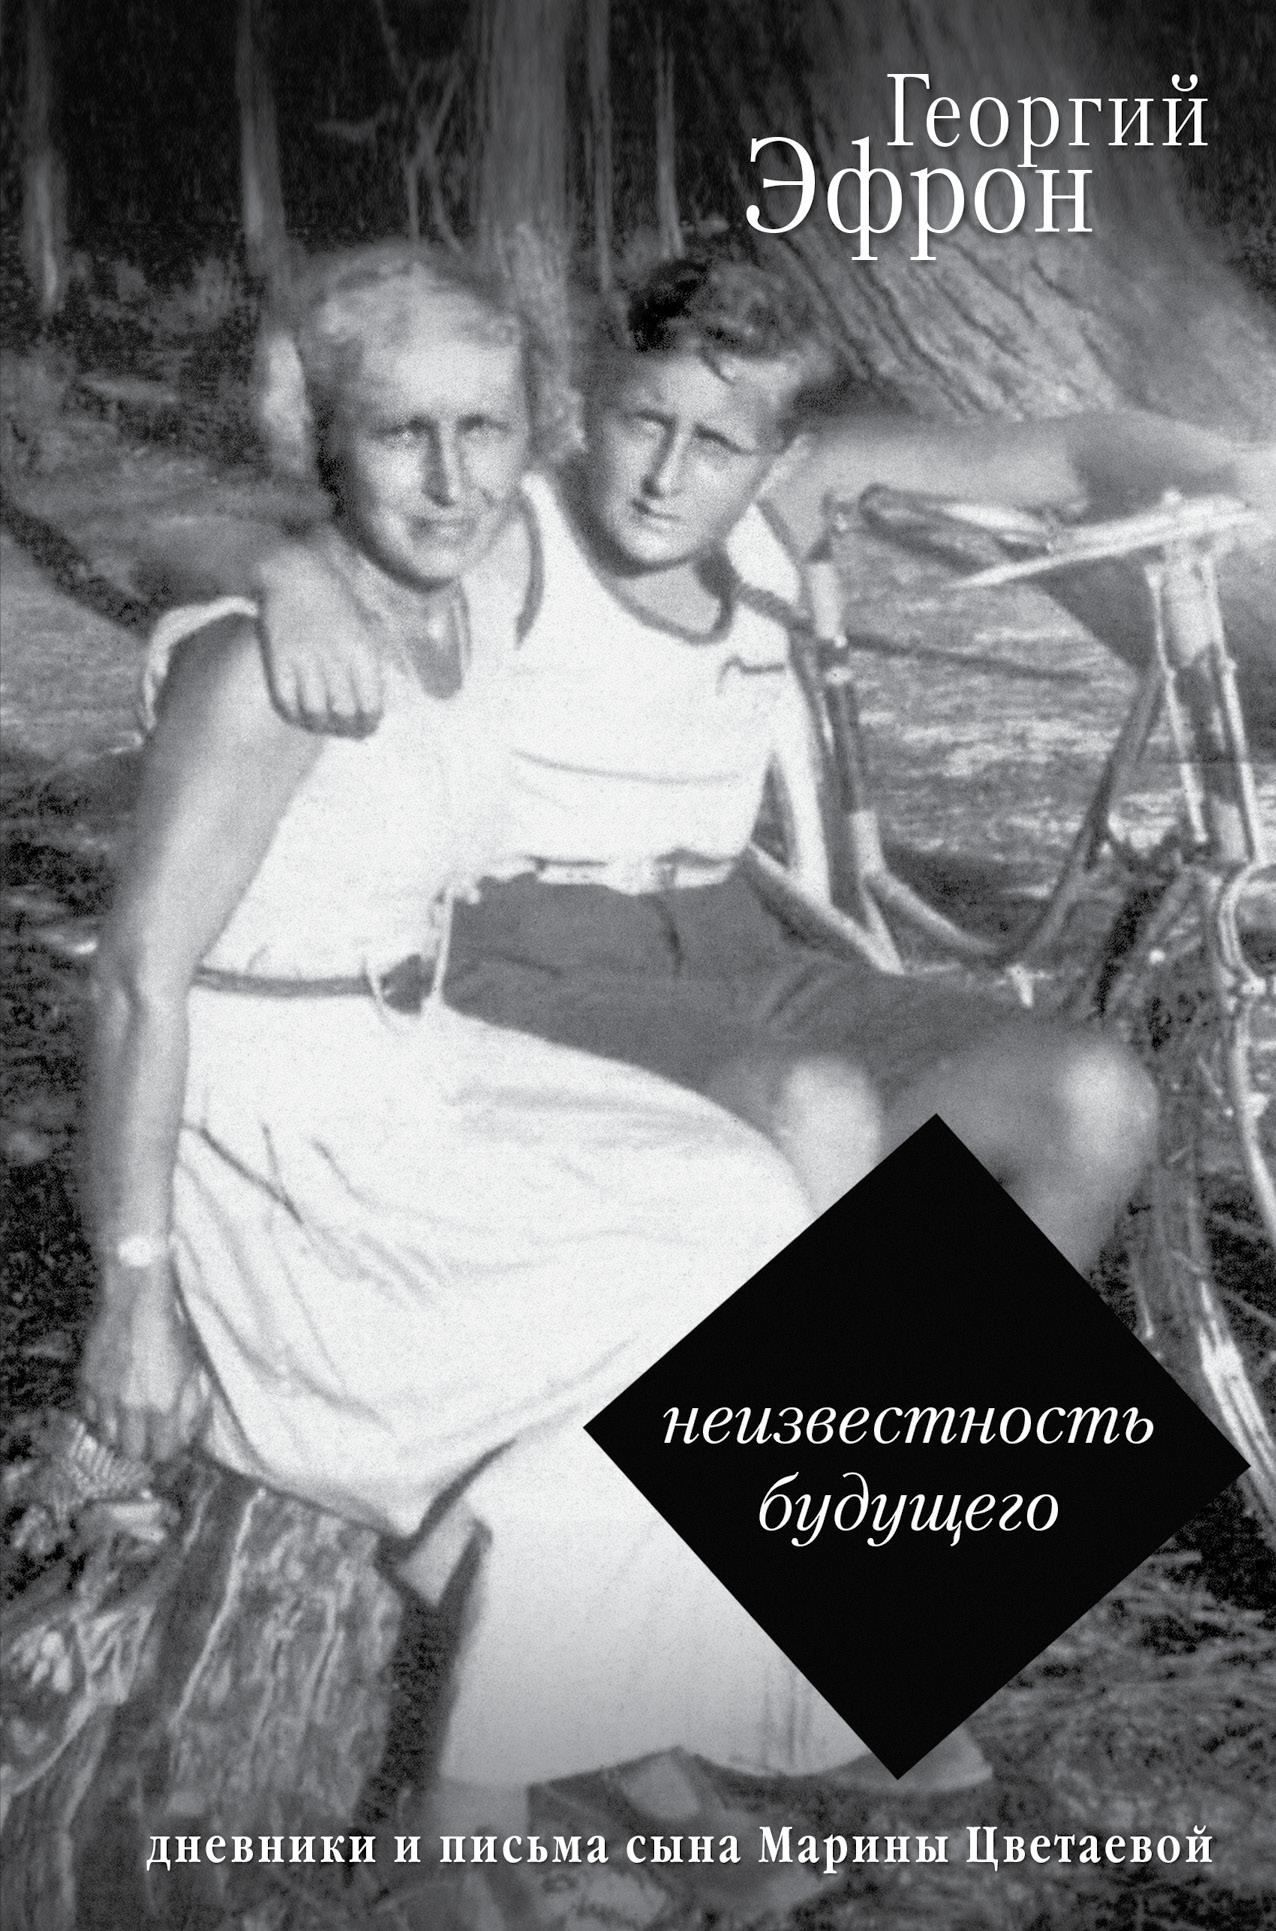 Эфрон Г.С. Записки парижанина. Дневники, письма, литературные опыты сына Марины Цветаевой